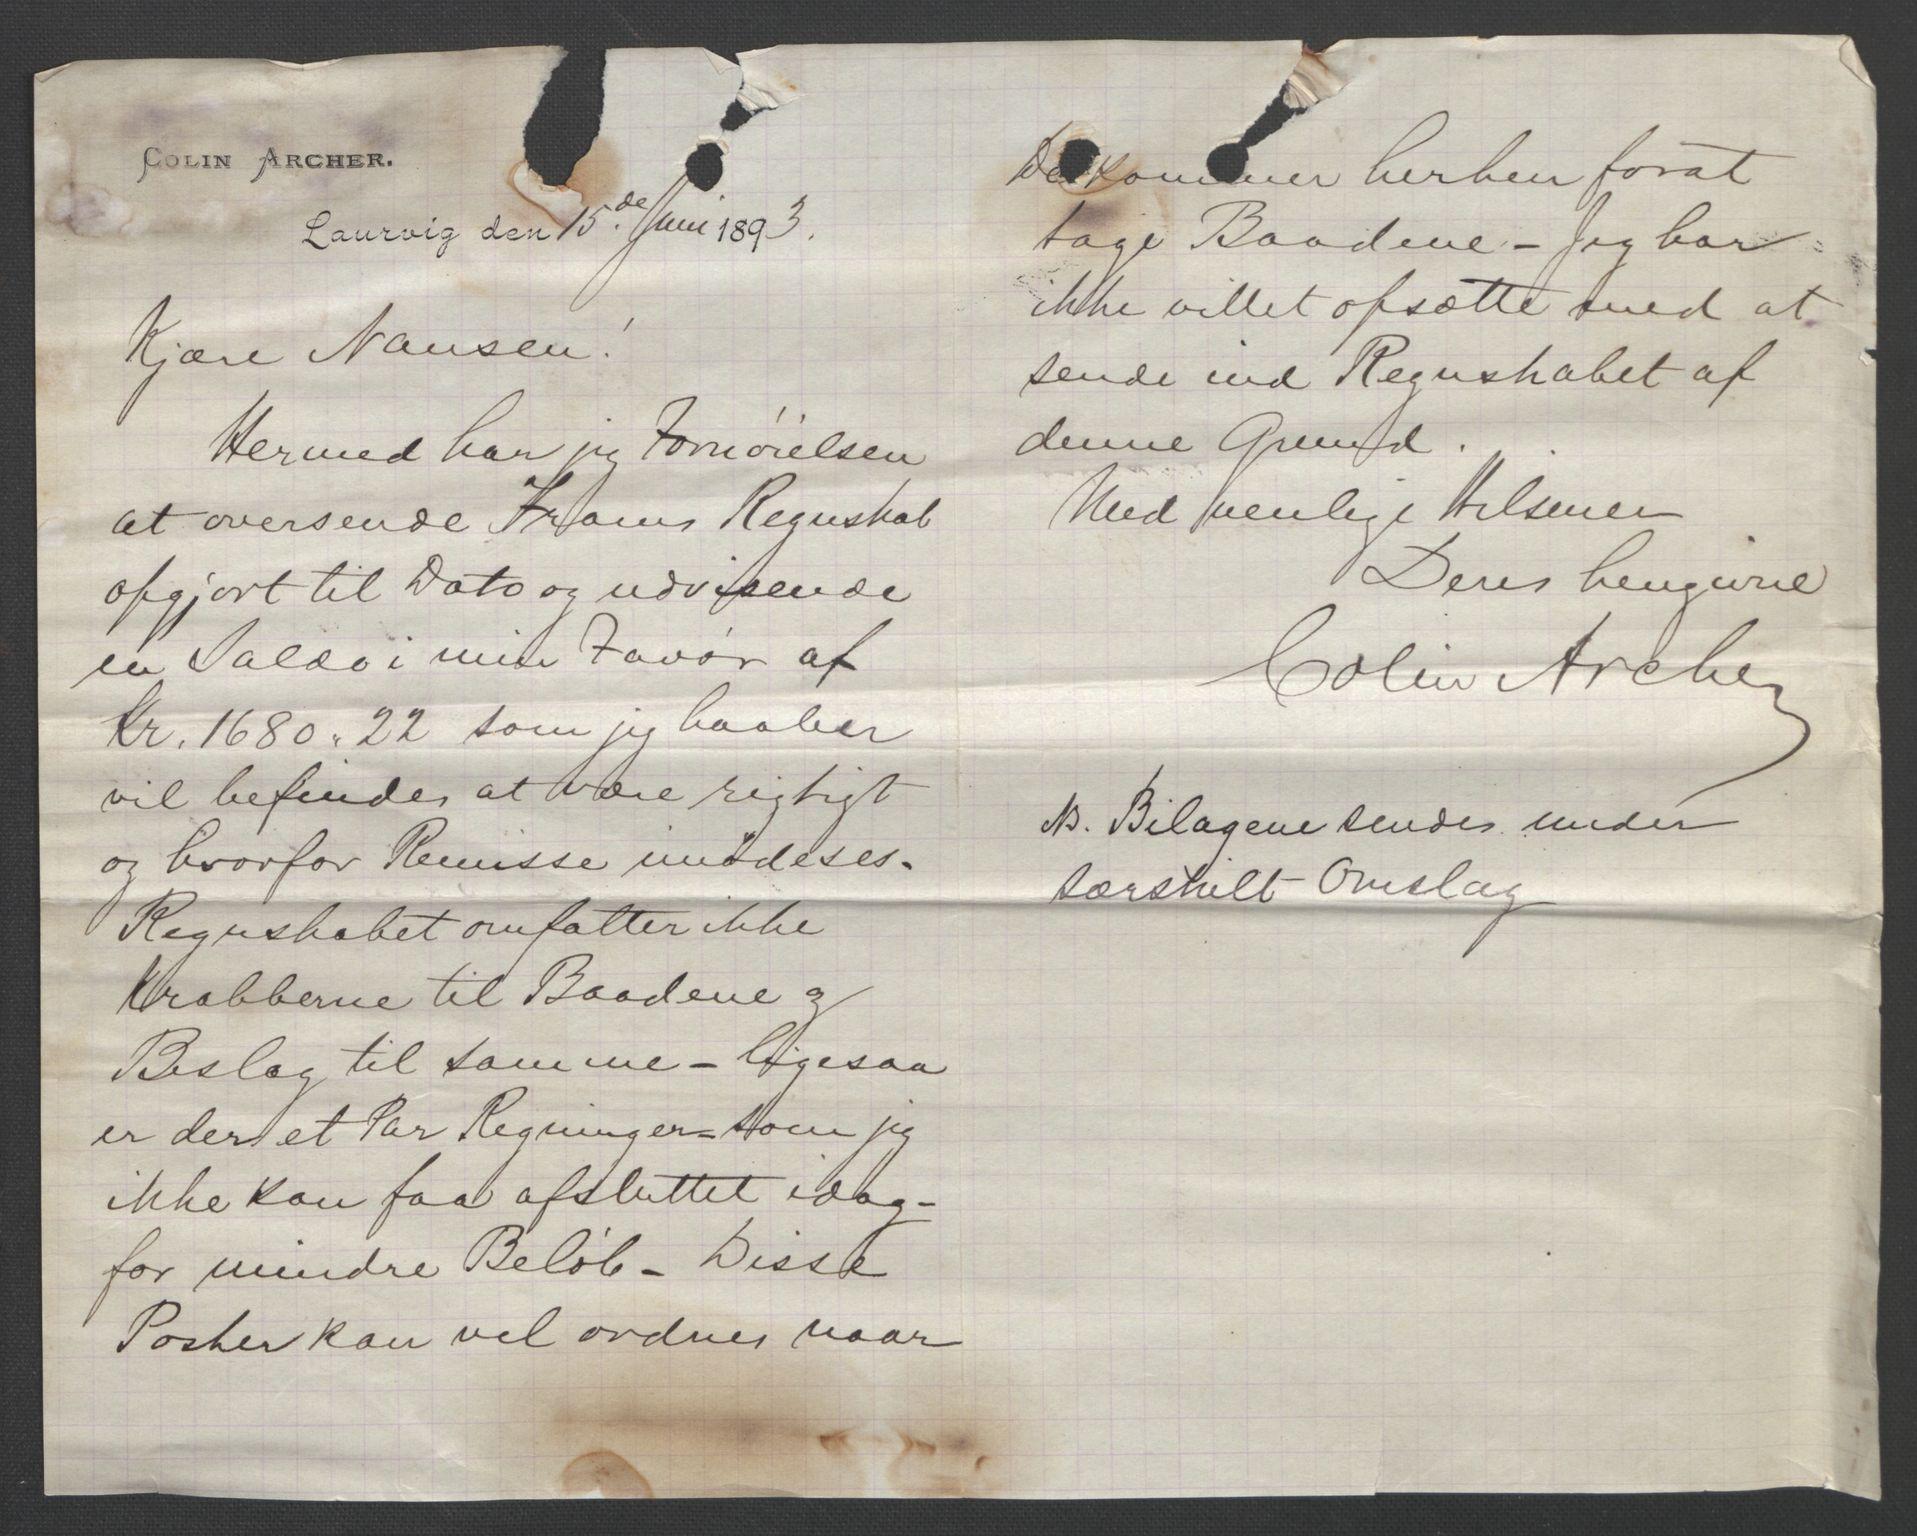 RA, Arbeidskomitéen for Fridtjof Nansens polarekspedisjon, D/L0003: Innk. brev og telegrammer vedr. proviant og utrustning, 1893, s. 3